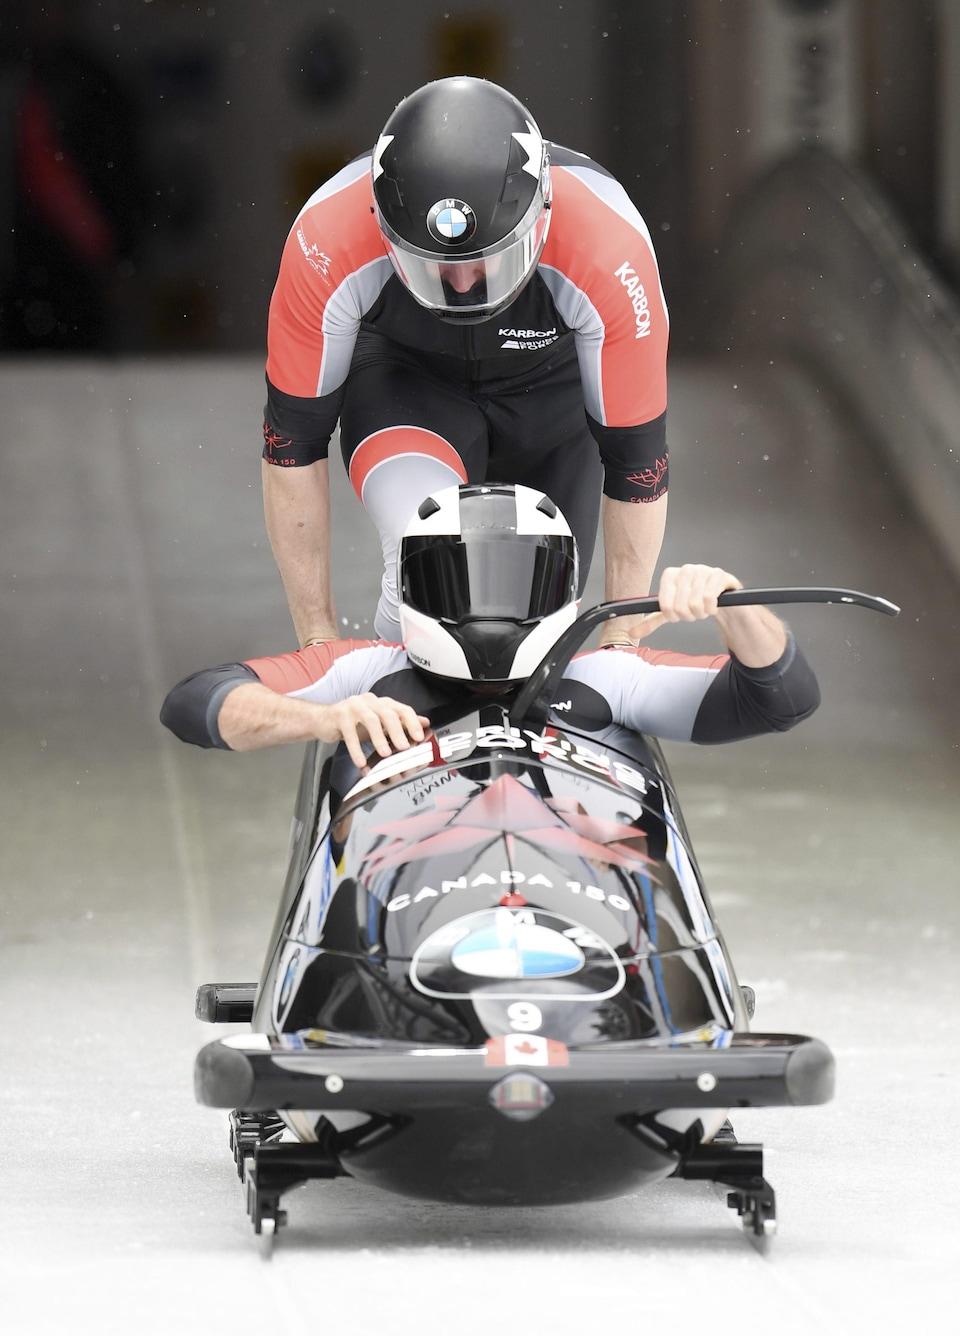 Le Canadien Justin Kripps (à l'avant) et son freineur Alexander Kopacz prennent le départ de la Coupe du monde de bobsleigh à 2 de l'IBSF à Königssee, en Allemagne.